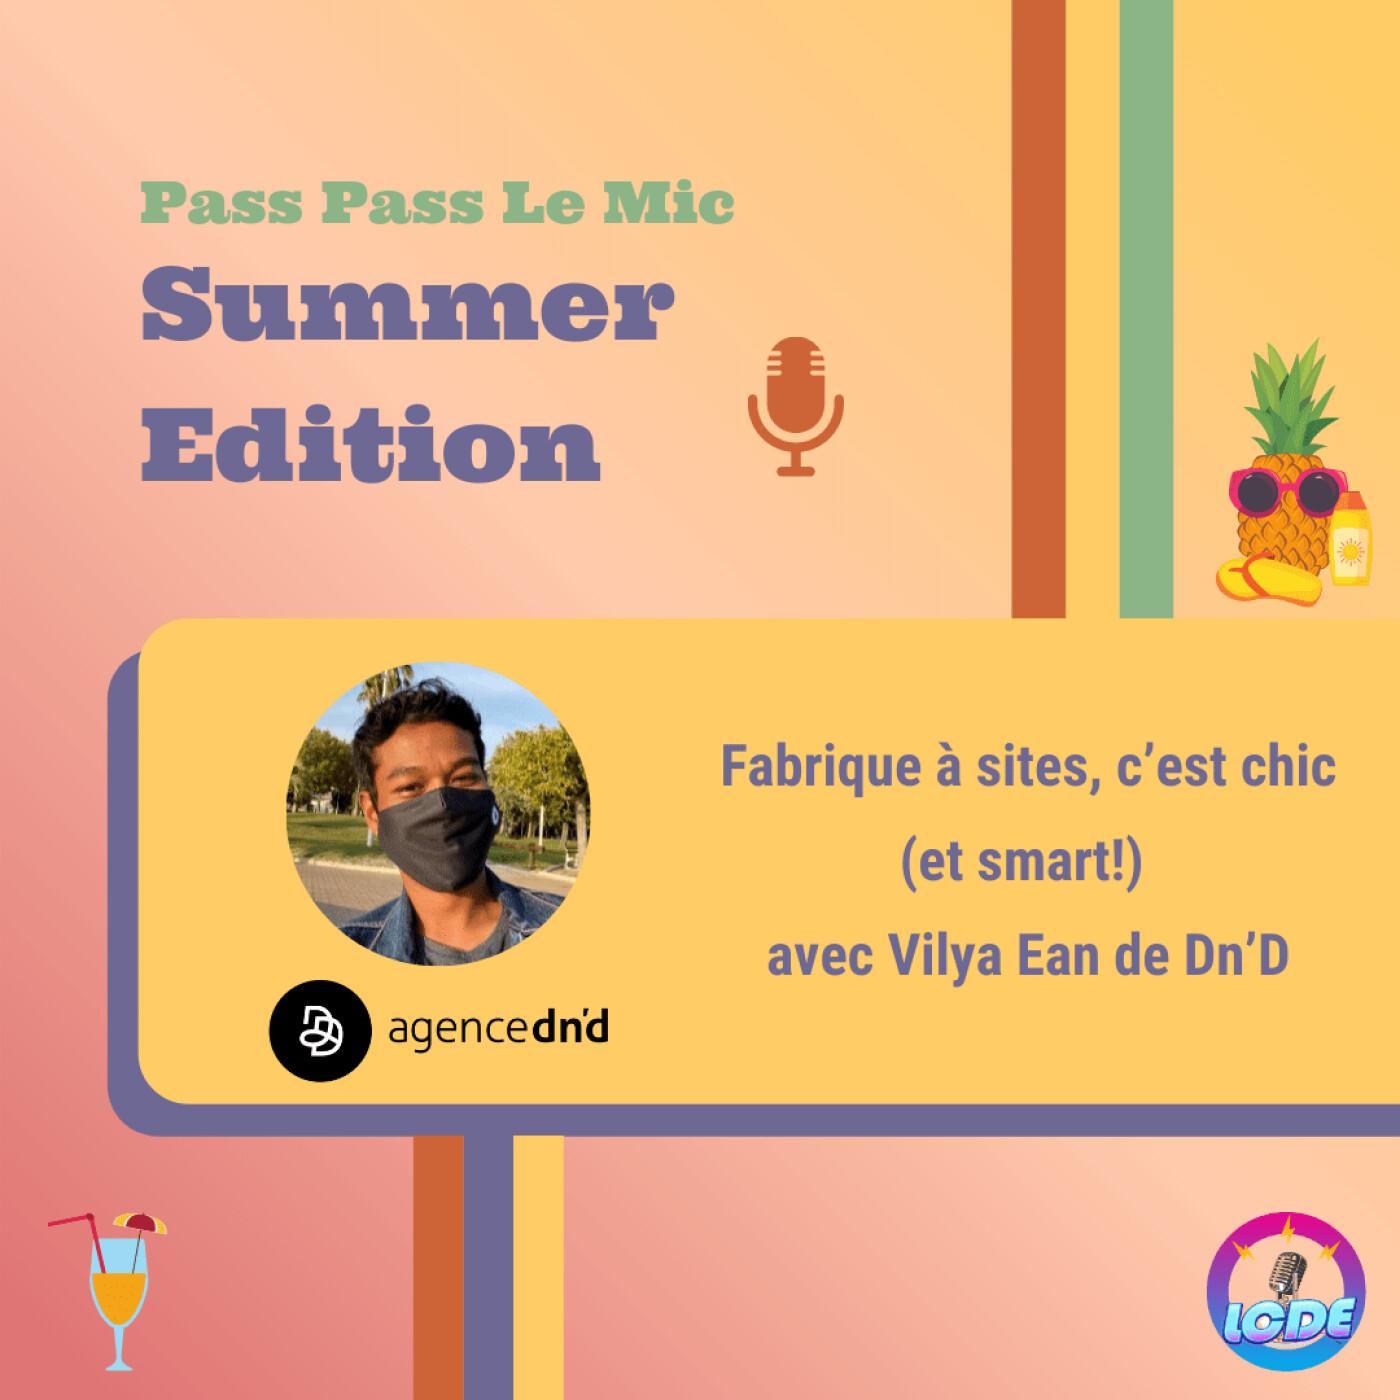 PPLM Summer Edition - Fabrique à sites, c'est chic (et smart!) avec Vilya Ean de Dn'D